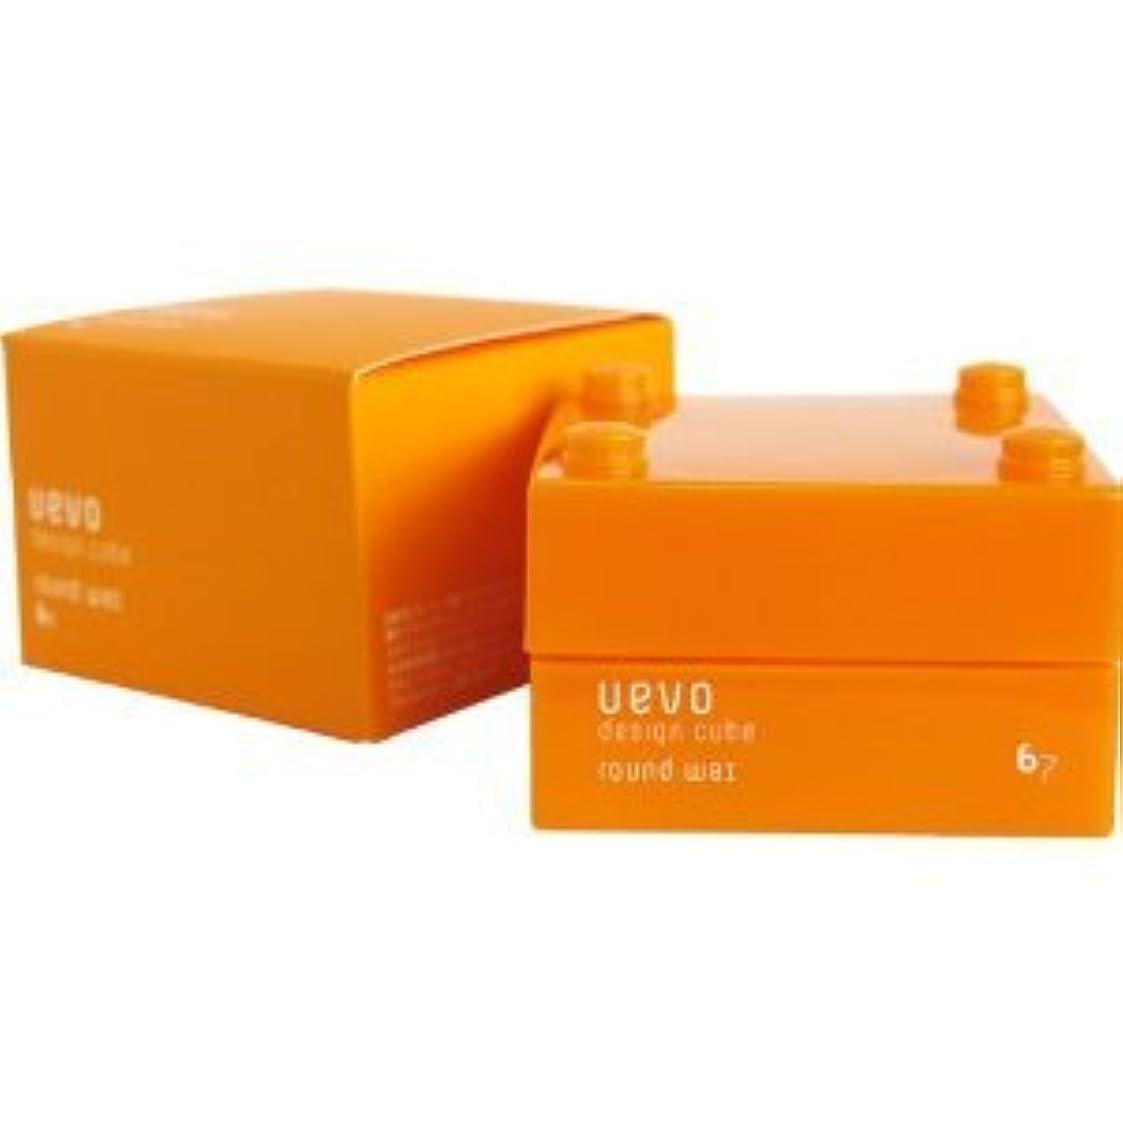 委員会厚さ最終デミ ウェーボ デザインキューブ ラウンドワックス 30g round wax DEMI uevo design cube